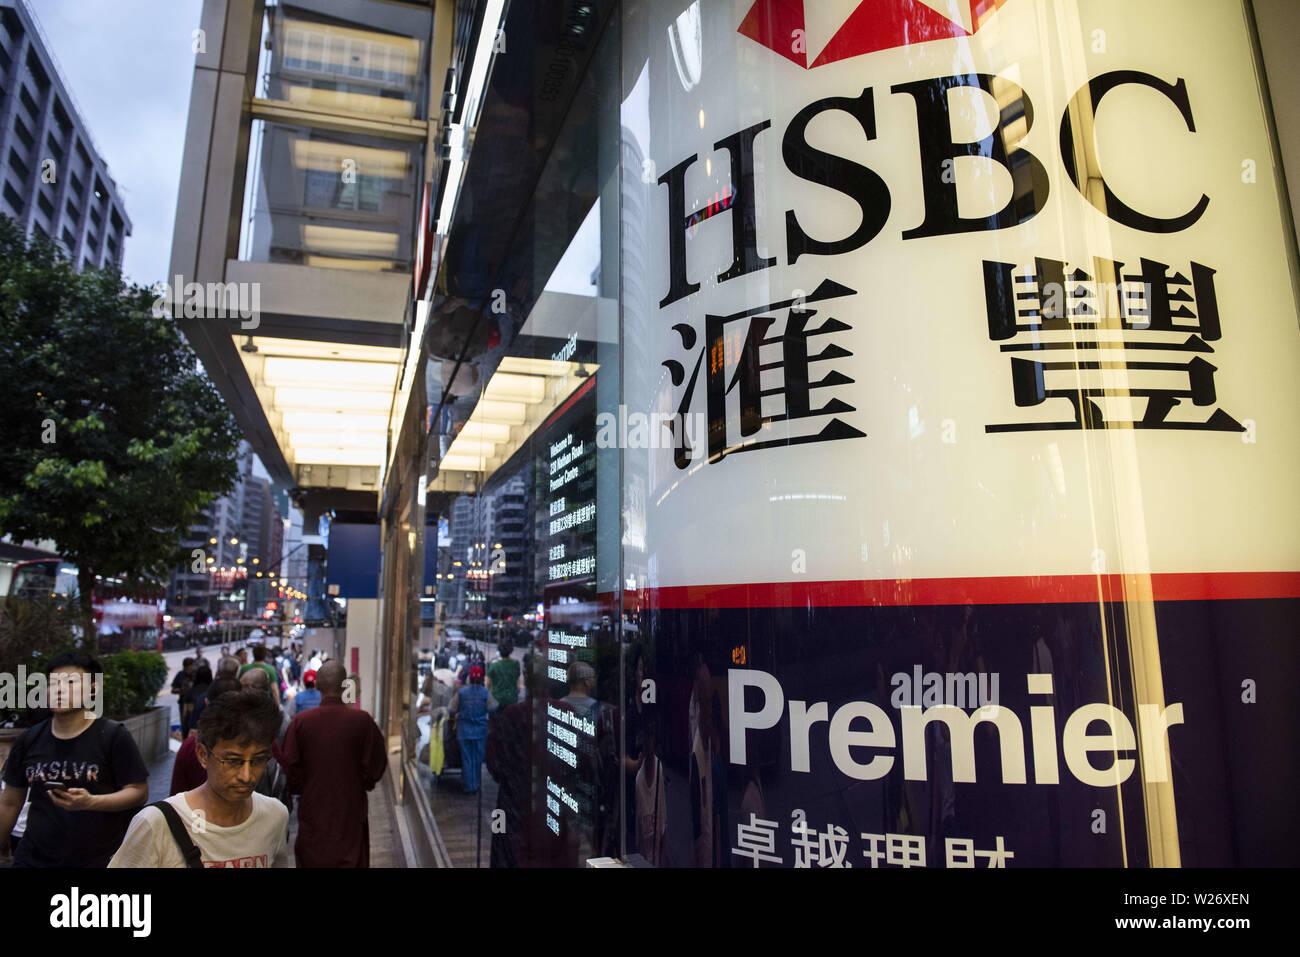 Hong Kong, China. 17th May, 2019. Pedestrians walk past a branch of HSBC bank in Hong Kong. Credit: Budrul Chukrut/SOPA Images/ZUMA Wire/Alamy Live News - Stock Image